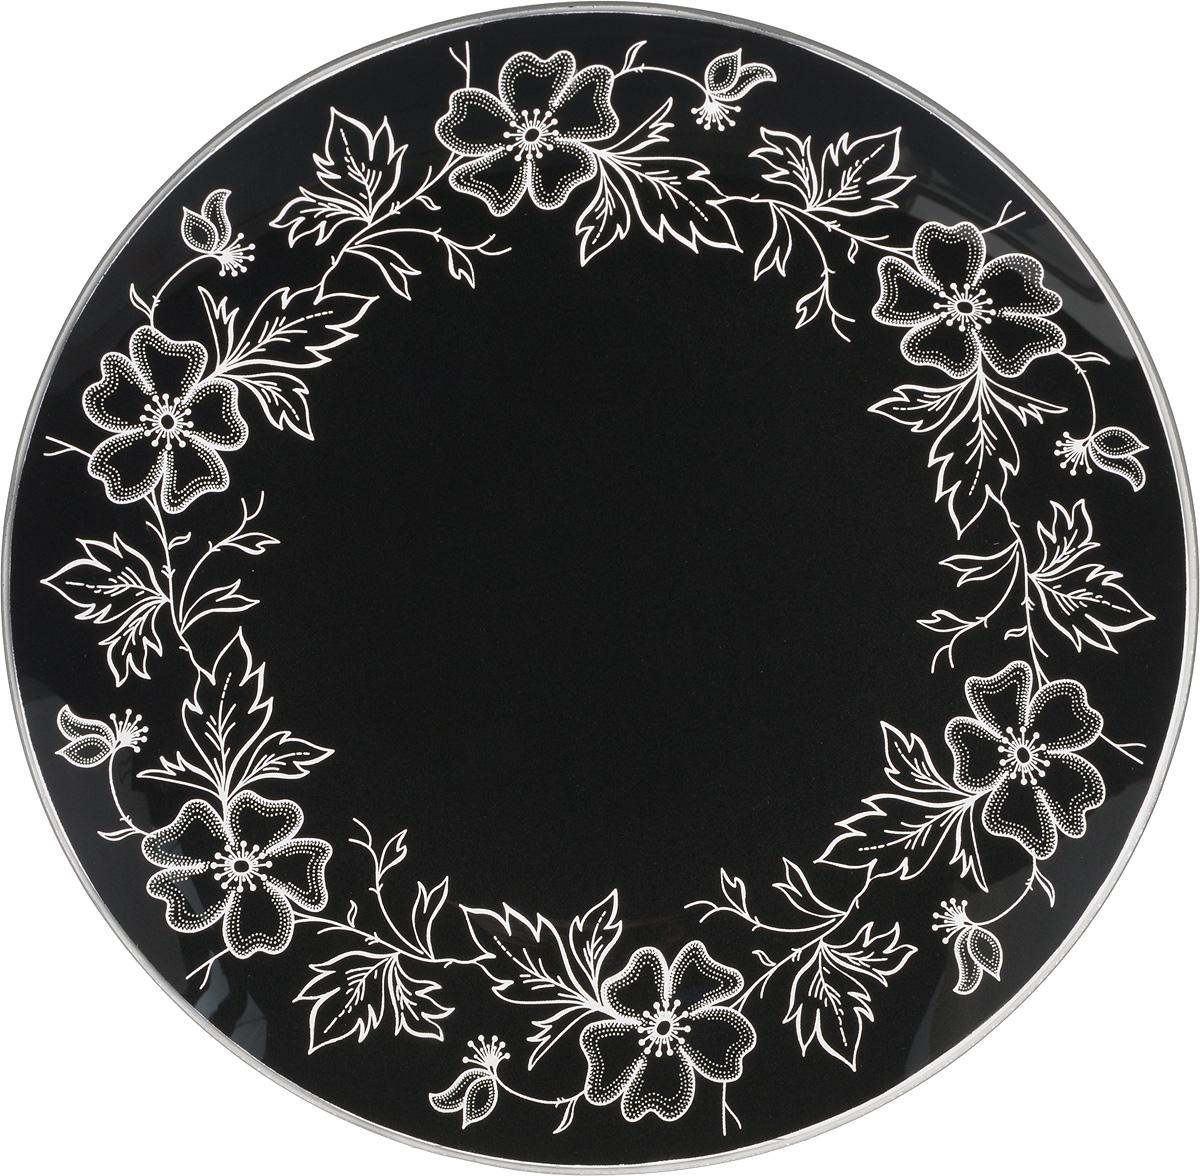 Тарелка NiNaGlass Лара, цвет: черный, диаметр 20 см85-200-075/чернТарелка NiNaGlass Лара выполнена из высококачественного стекла и оформлена красивым цветочным узором. Тарелка идеальна для подачи вторых блюд, а также сервировки закусок, нарезок, салатов, овощей и фруктов. Она отлично подойдет как для повседневных, так и для торжественных случаев.Такая тарелка прекрасно впишется в интерьер вашей кухни и станет достойным дополнением к кухонному инвентарю.